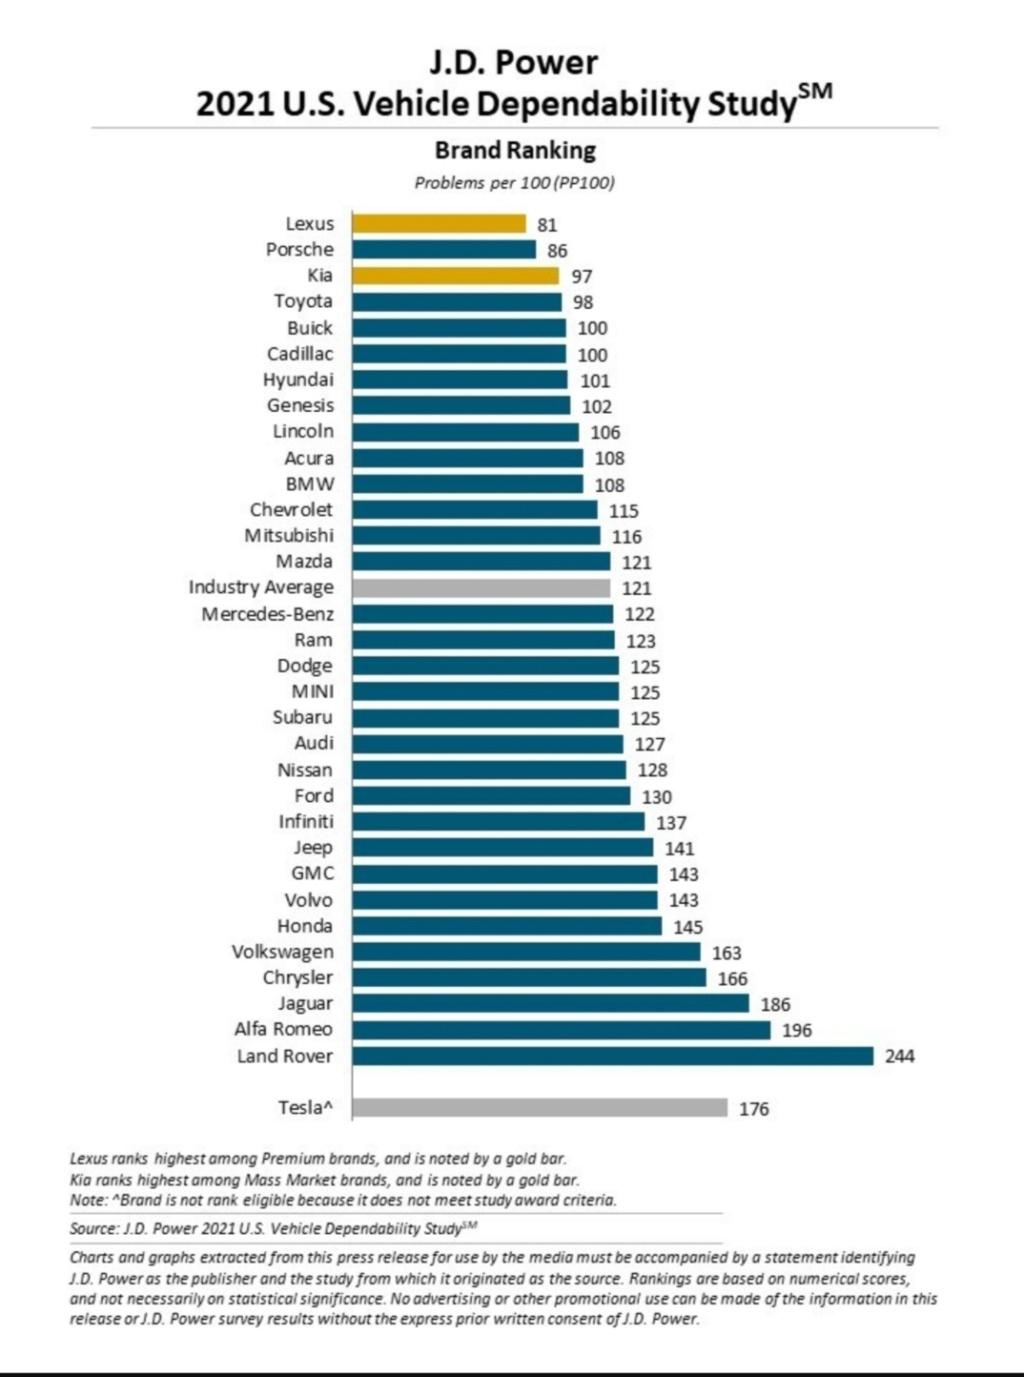 [Statistiques] Les chiffres sud/nord américains  - Page 6 20210244